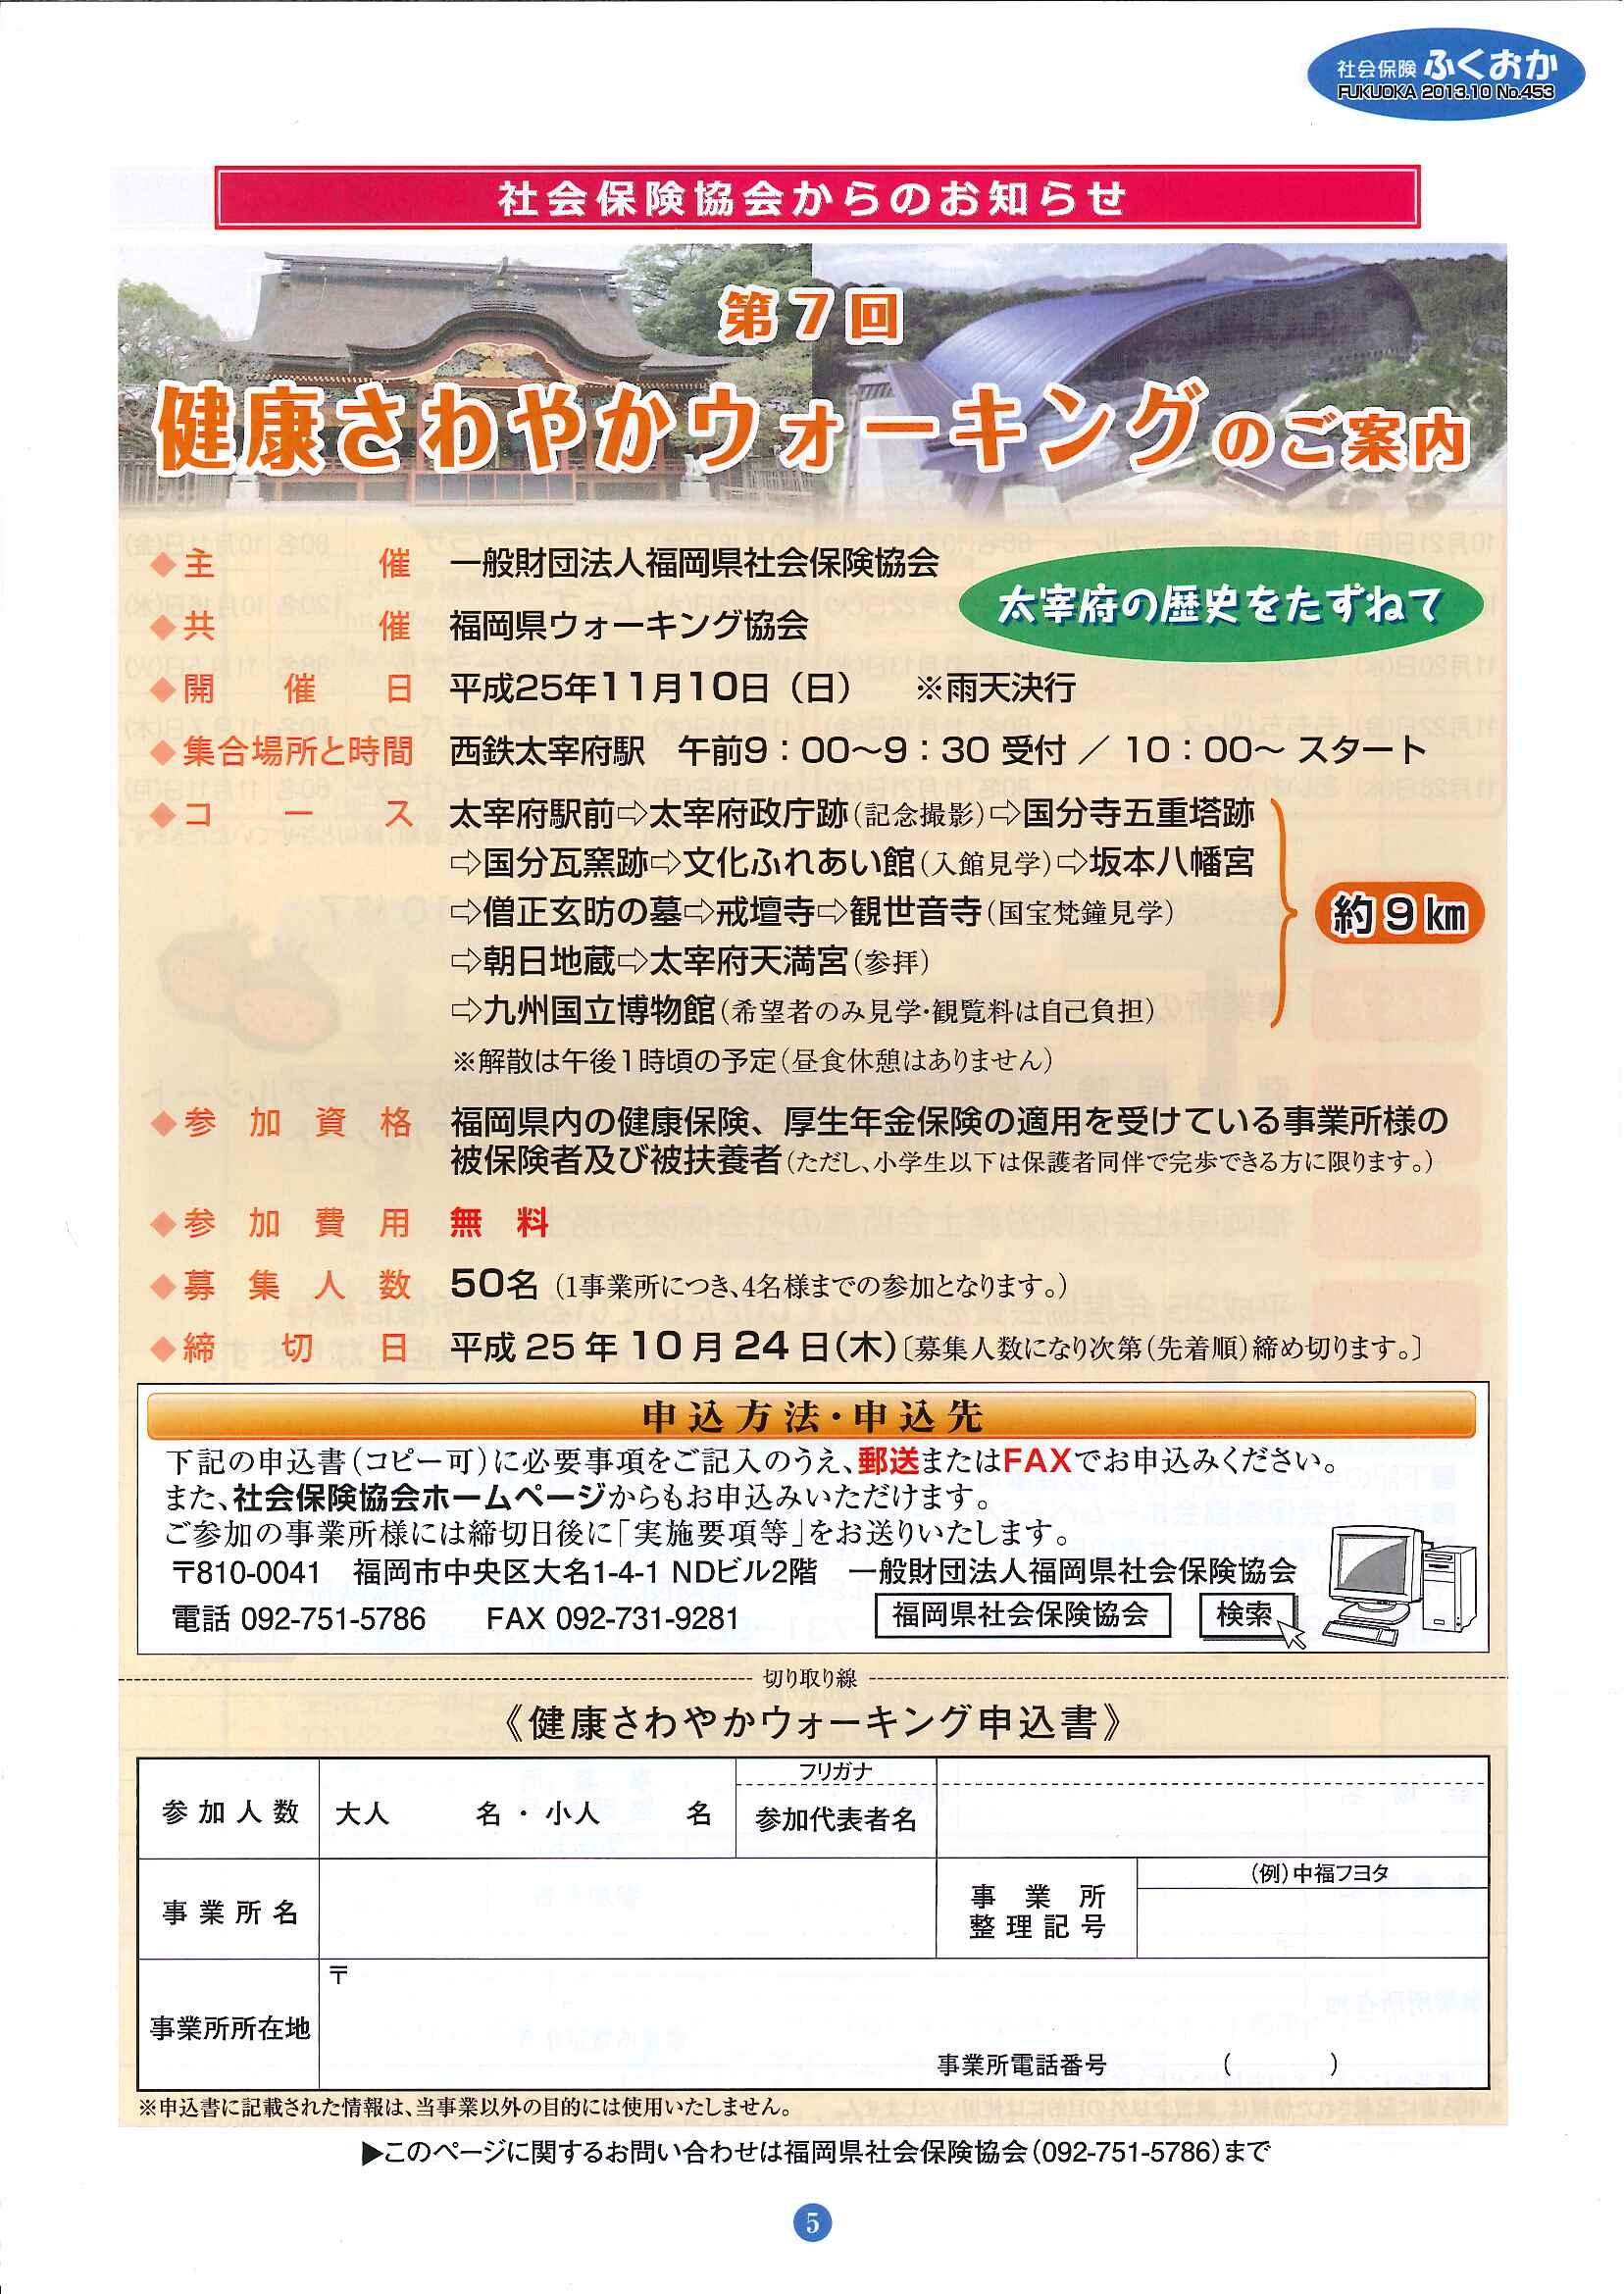 社会保険 ふくおか 2013年 10月号_f0120774_1503265.jpg